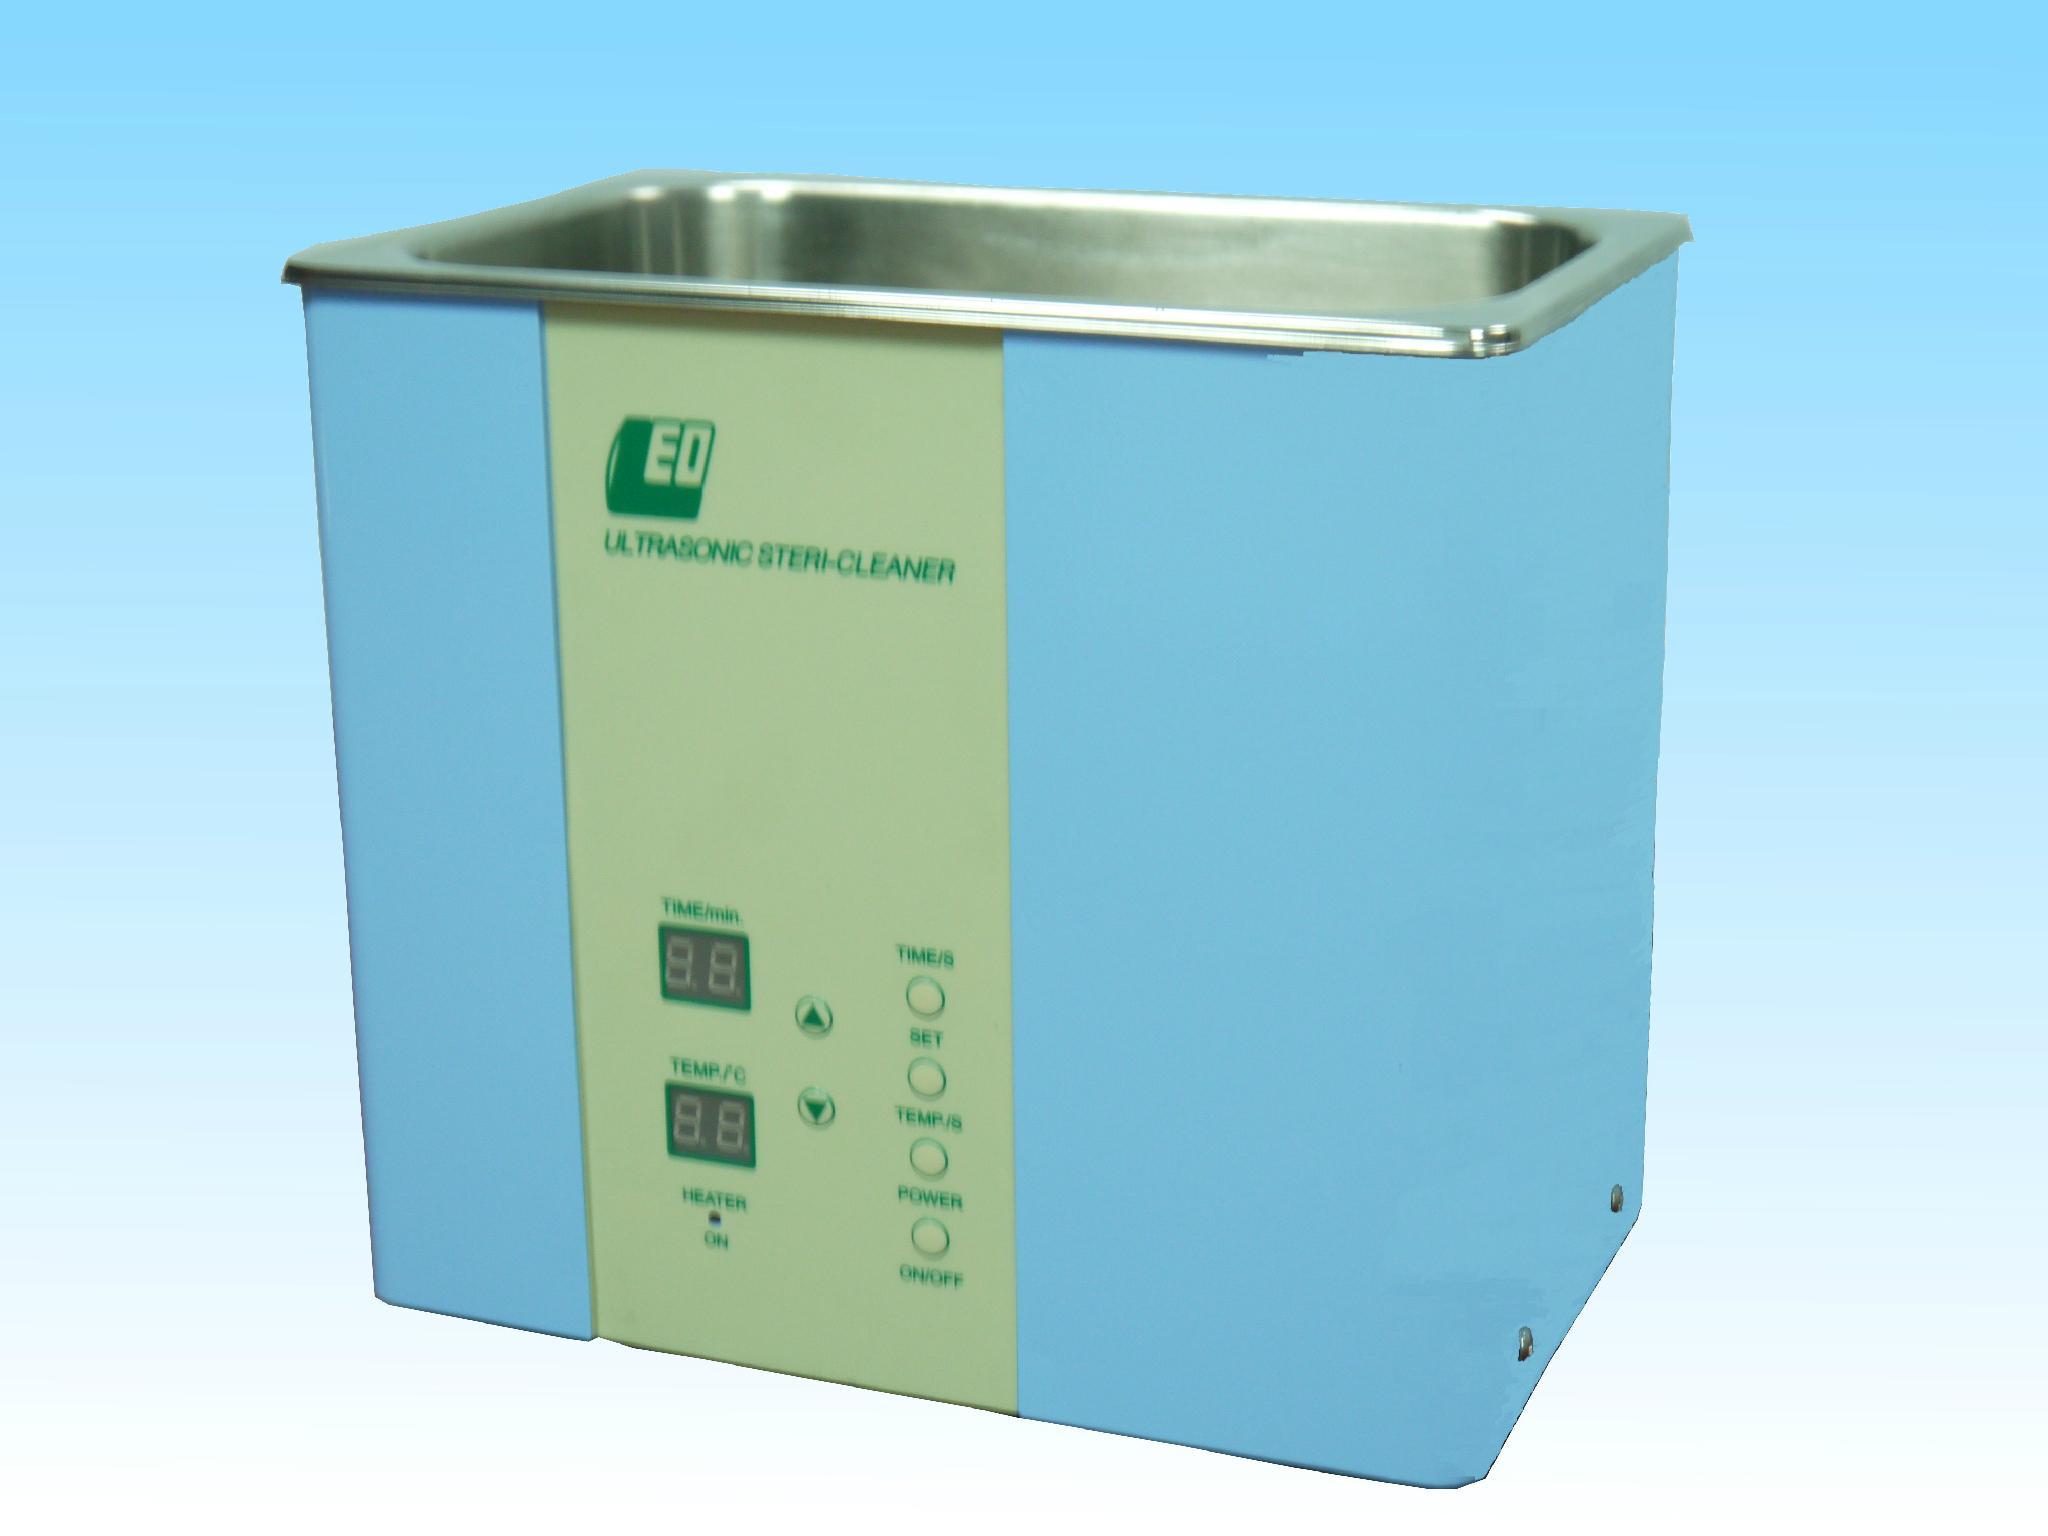 1002系列-实验室及医疗器具专用超音波清洗机 1